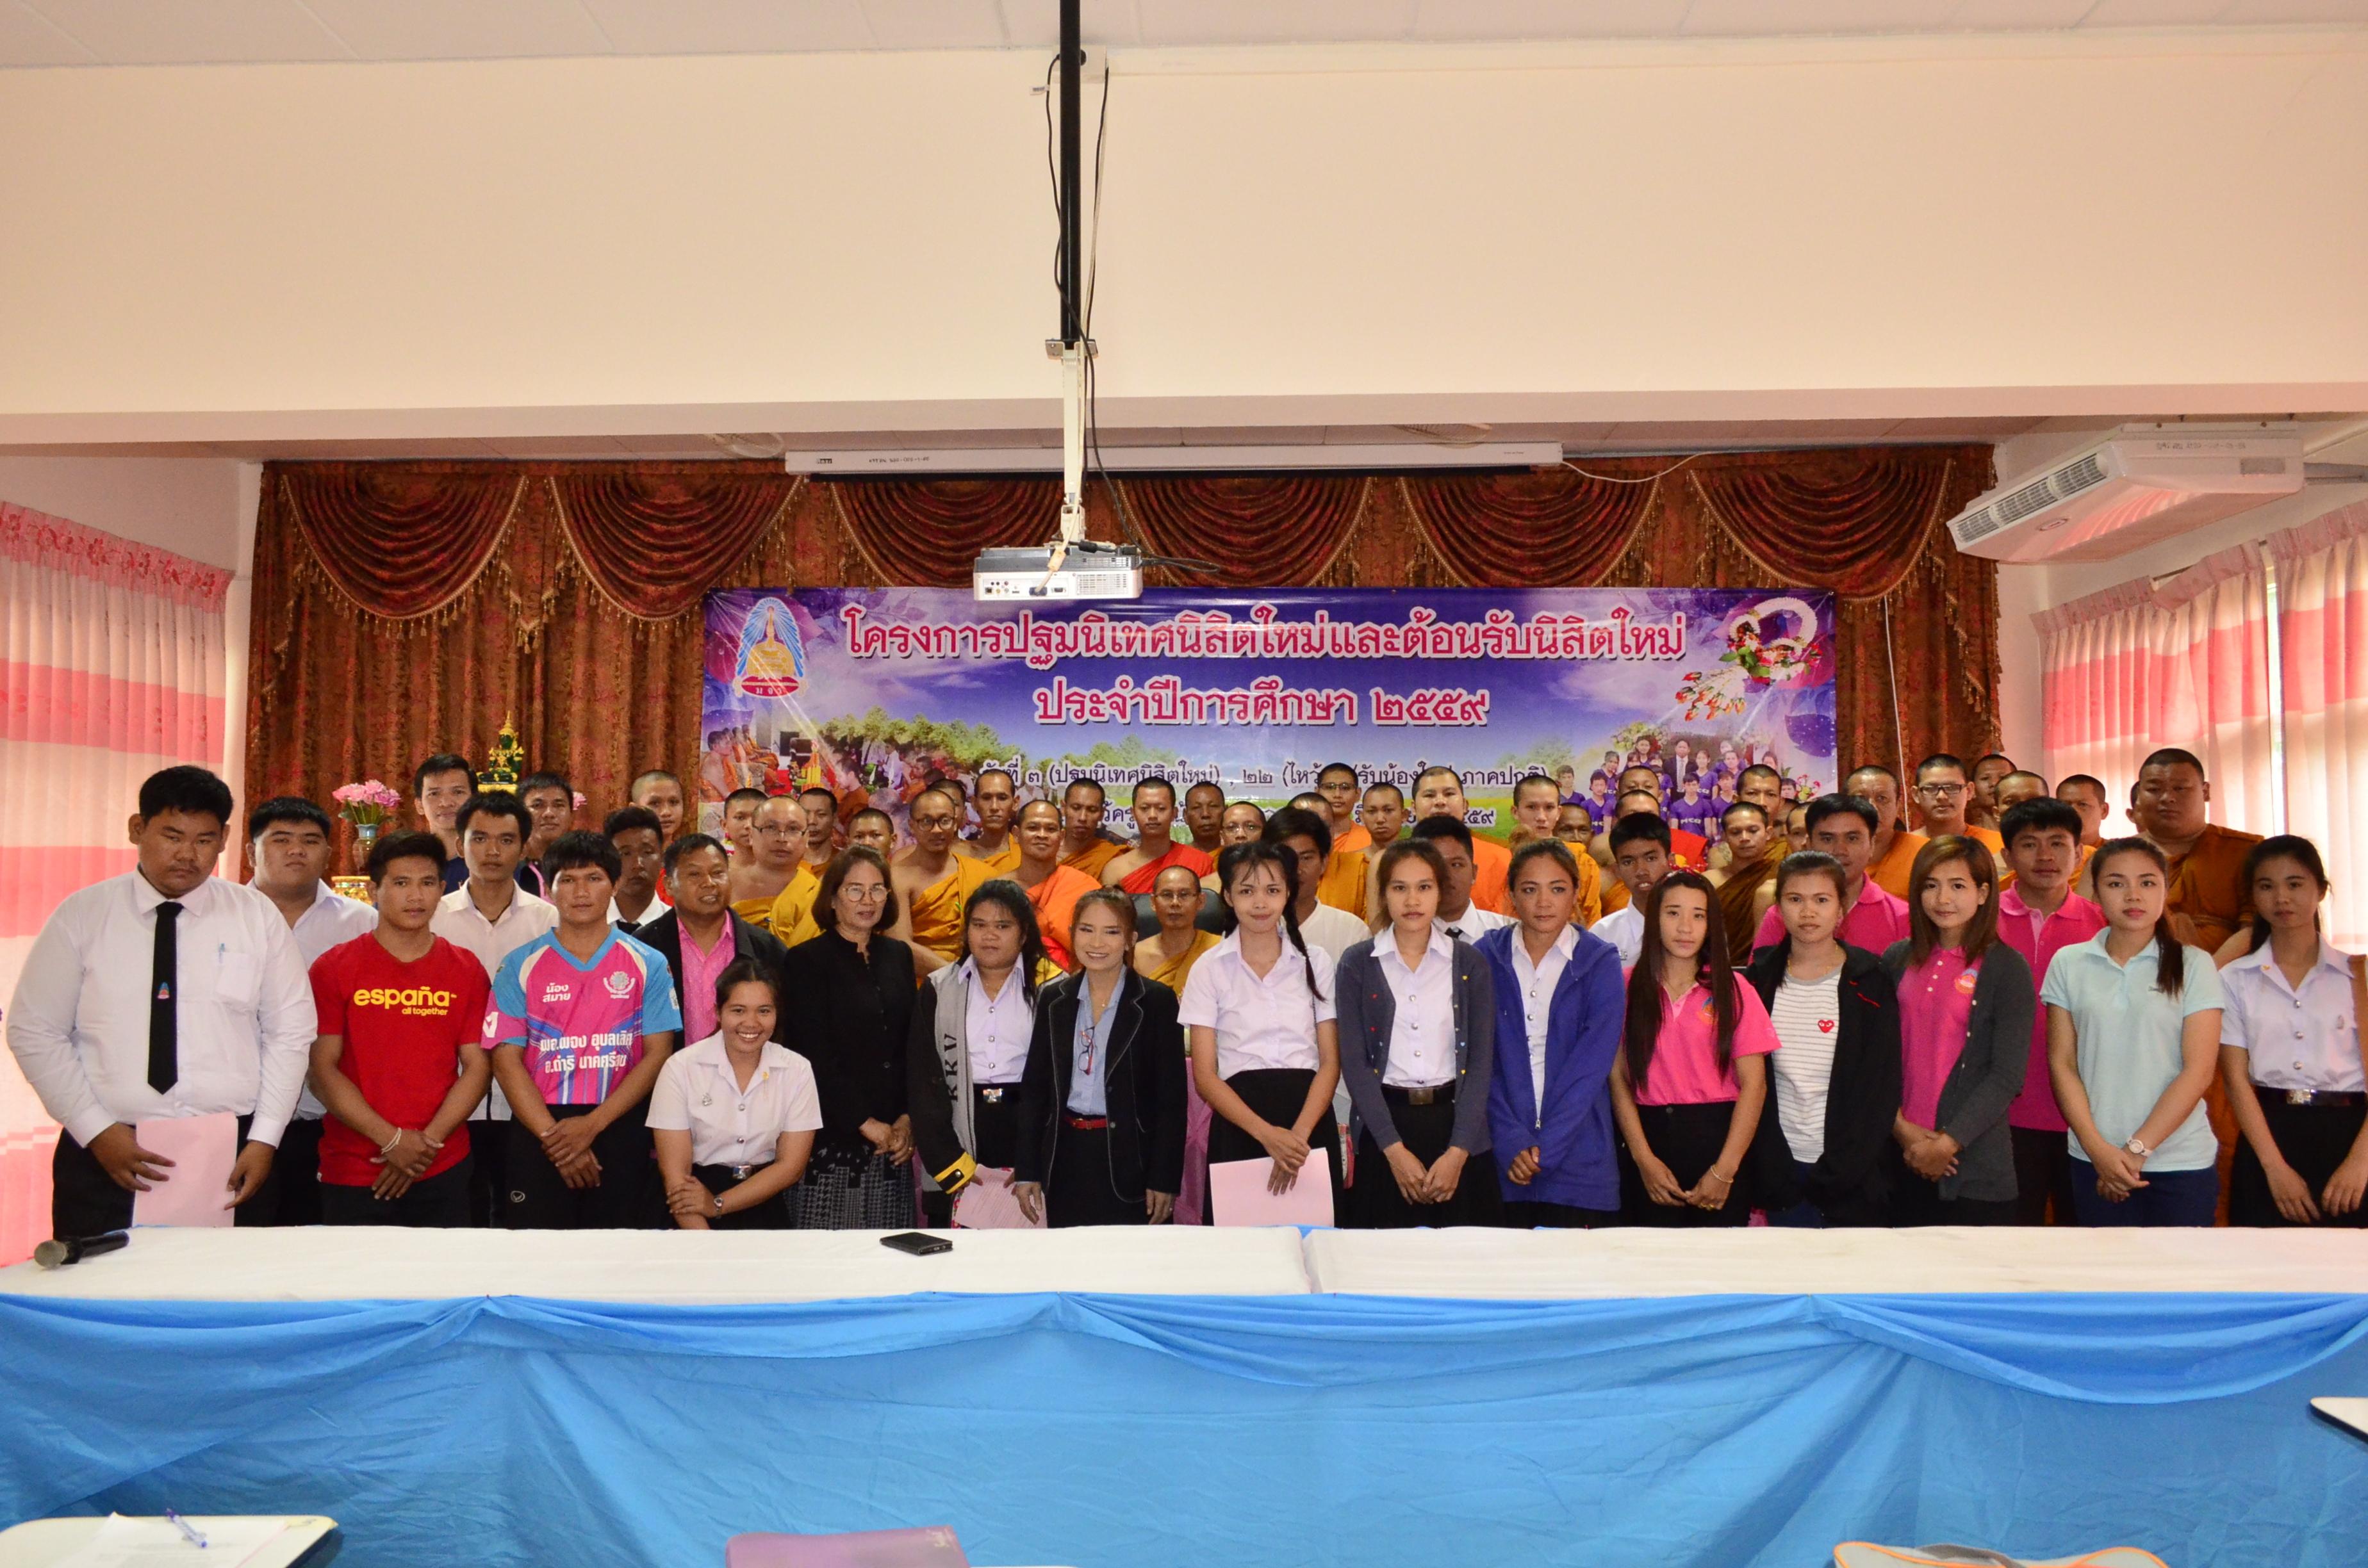 โครงการปฐมนิเทศนิสิตใหม่ประจำปีการศึกษา 2559